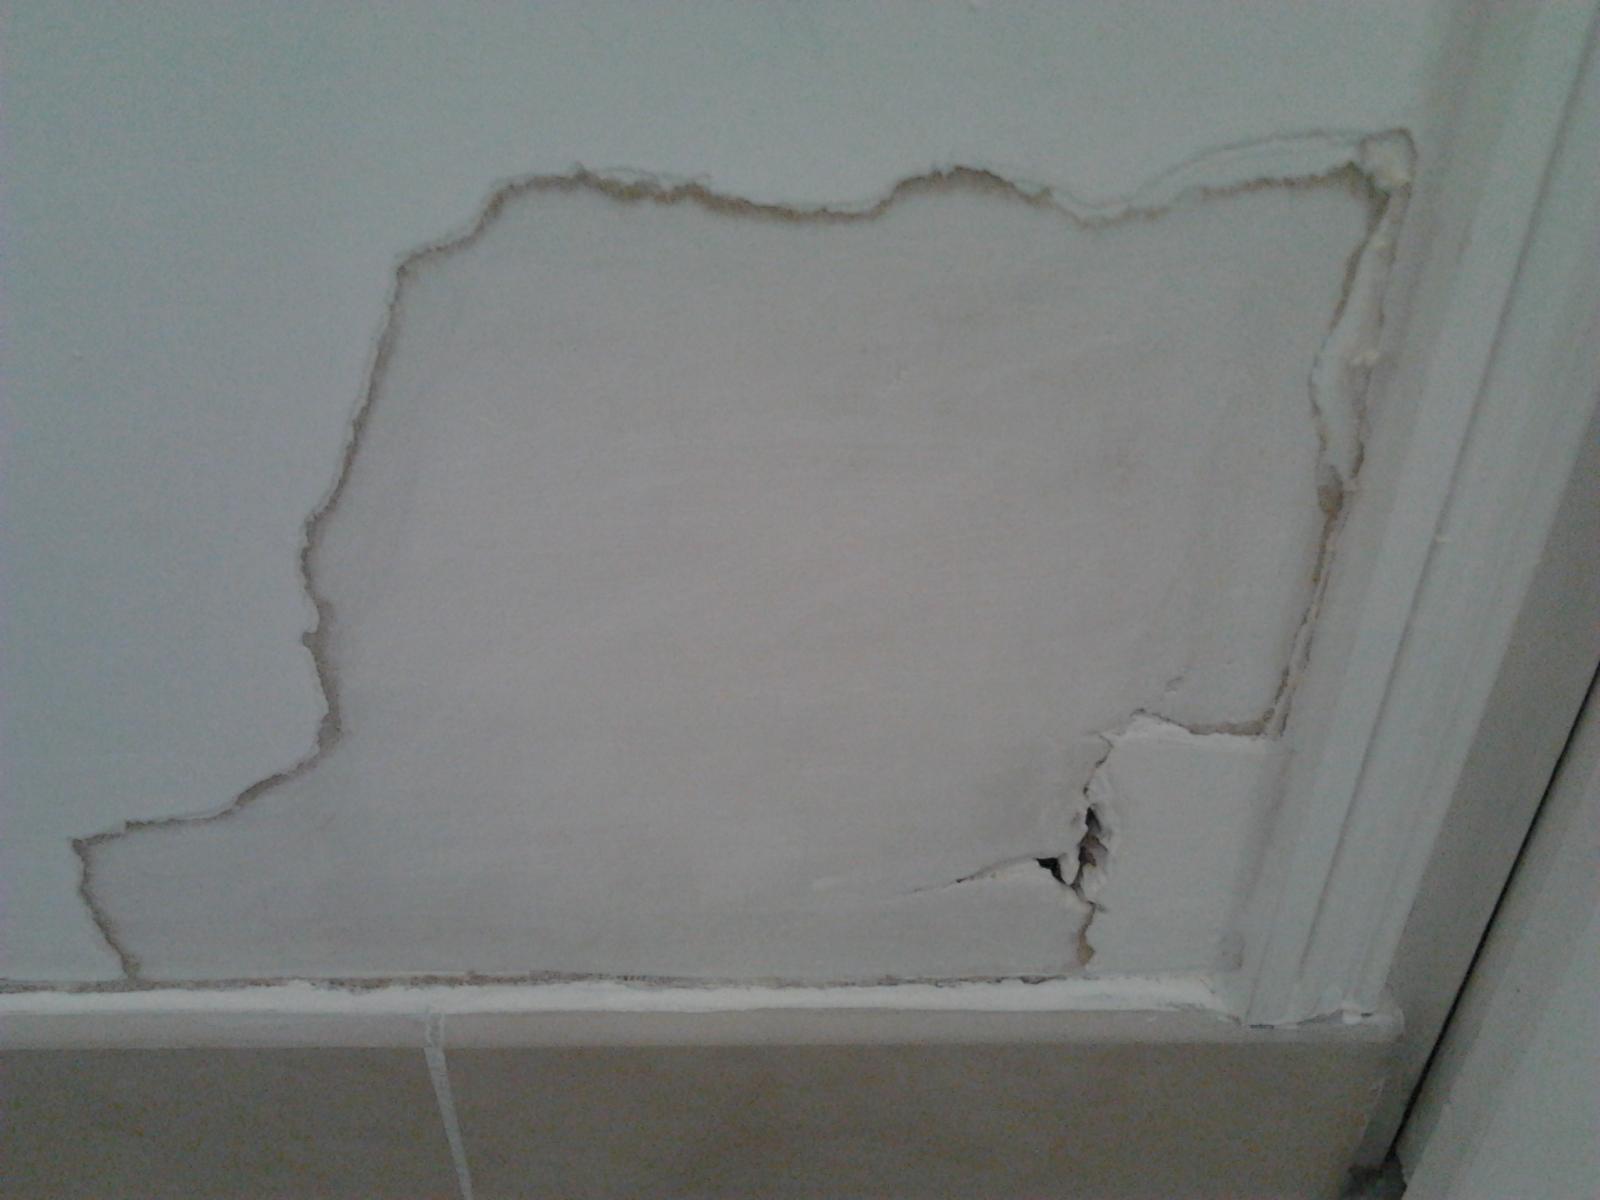 humidit dans mur en pl tre au niveau des plinthes. Black Bedroom Furniture Sets. Home Design Ideas